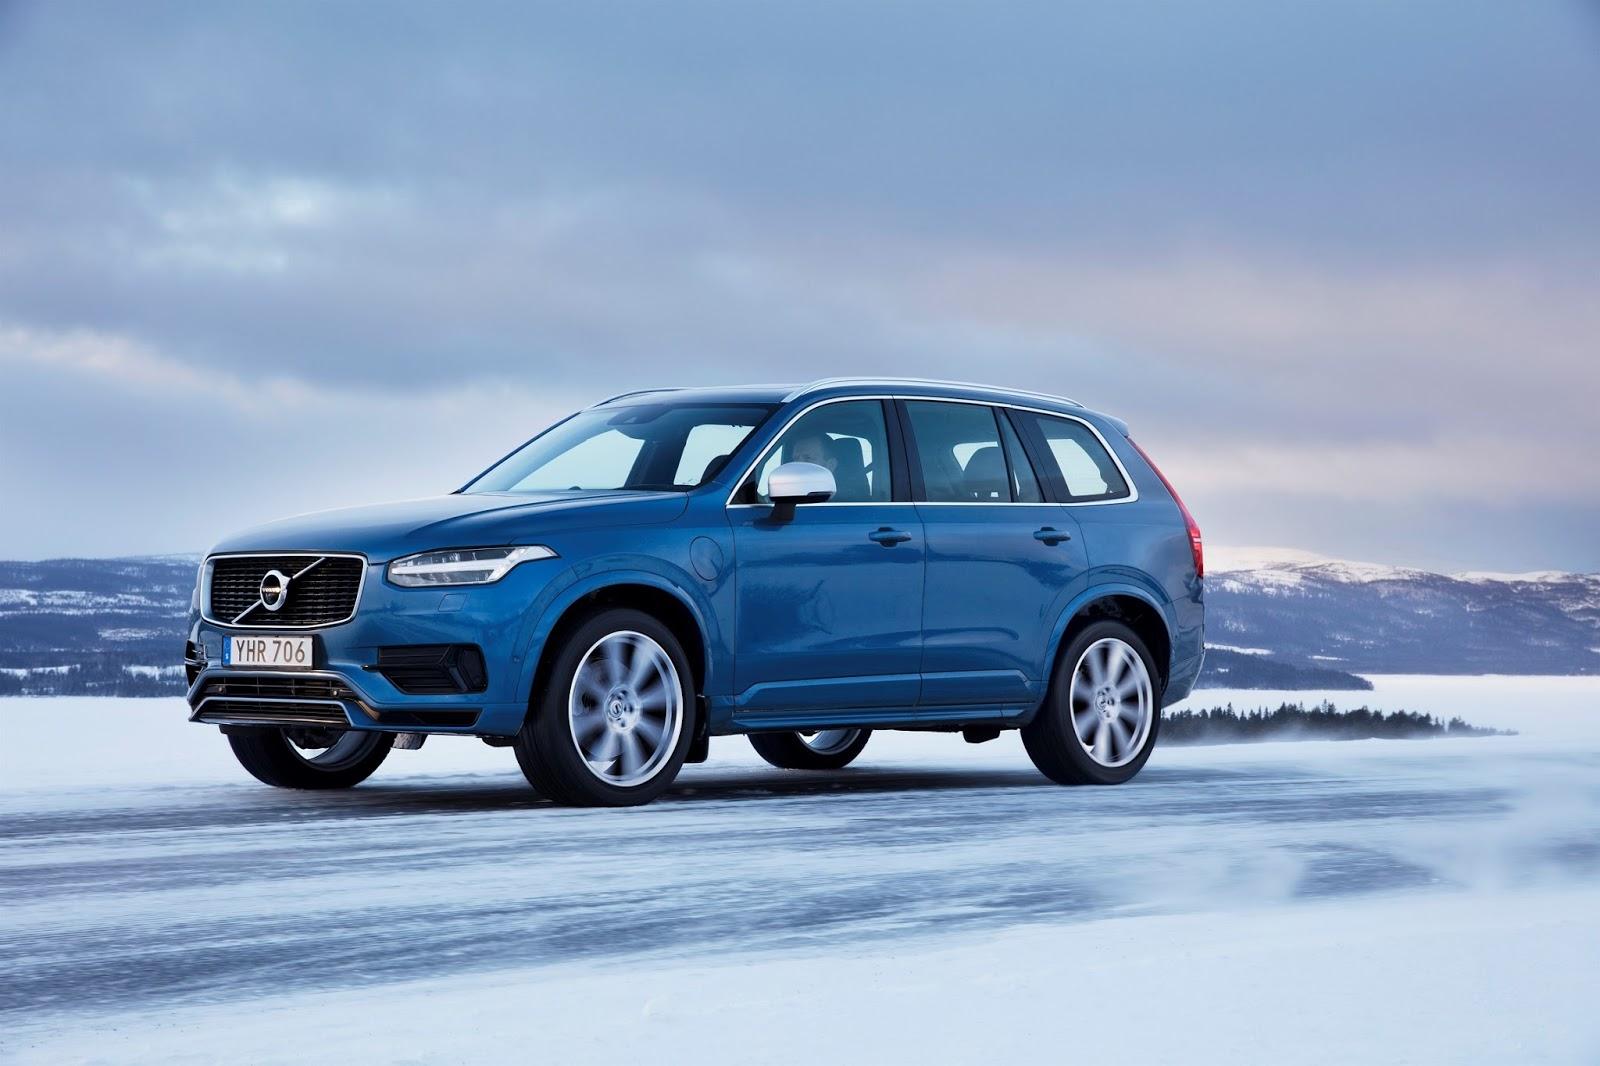 Κέρδη ρεκόρ 11 δισ. σουηδικών κορωνών για τη Volvo το 2016